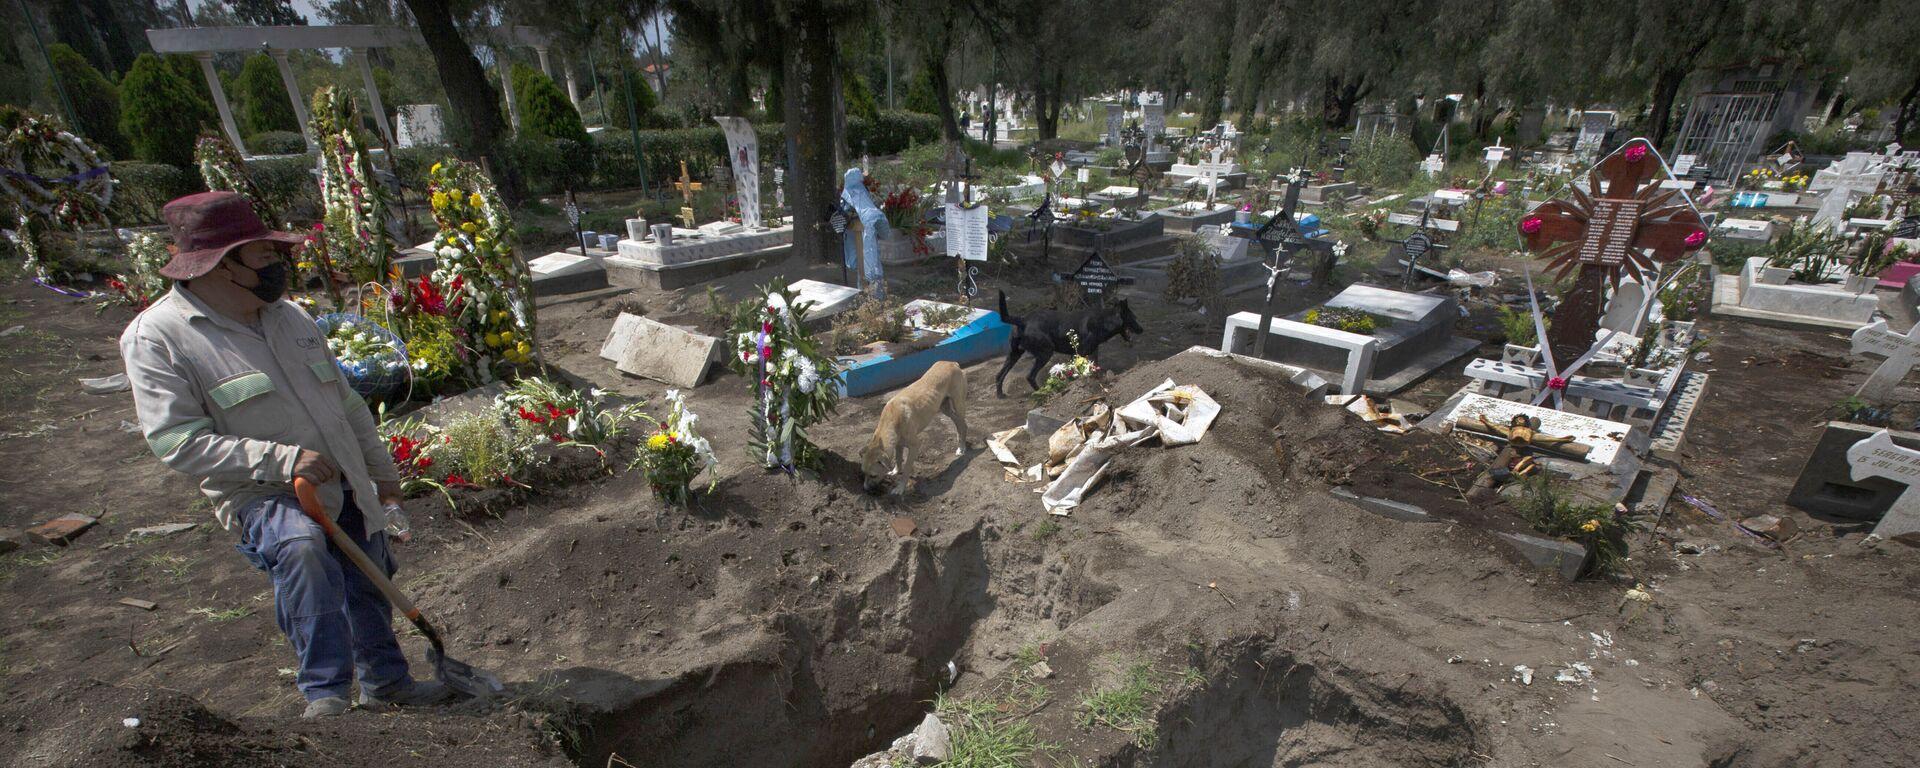 Un trabajador cava tumbas en la sección del COVID-19 del cementerio en las afueras de la Ciudad de México - Sputnik Mundo, 1920, 22.05.2021